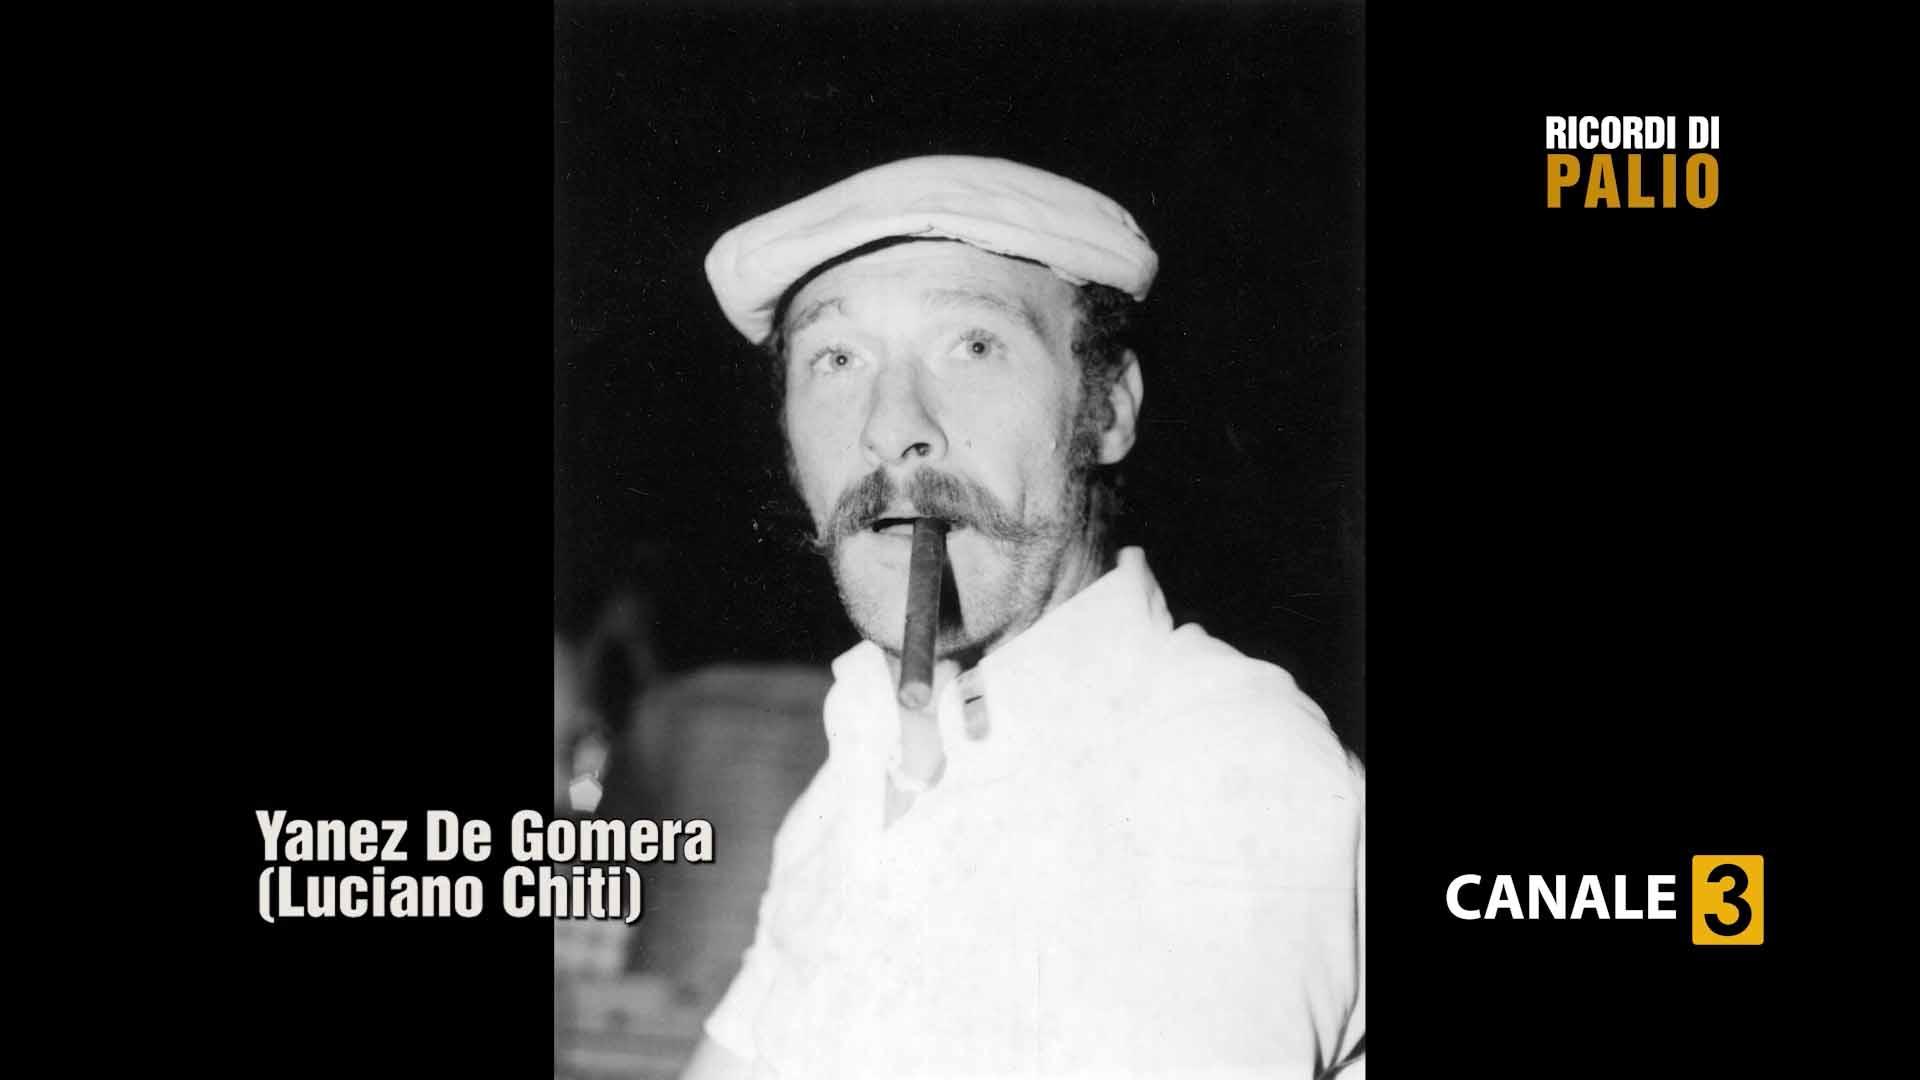 Yanez de Gomera - Luciano Chiti